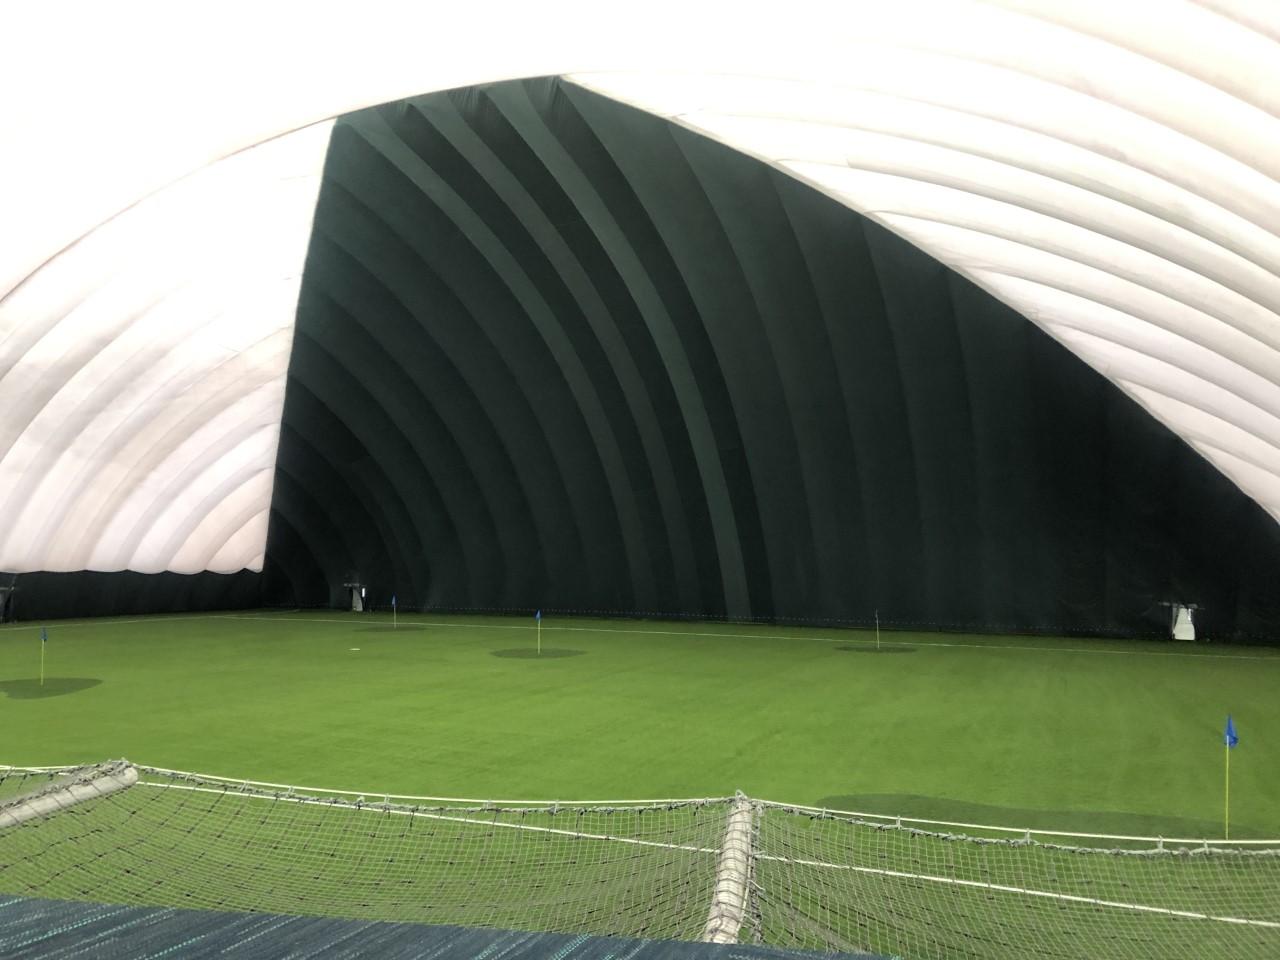 Paddock Golf Dome in Town of Tonawanda to reopen tomorrow